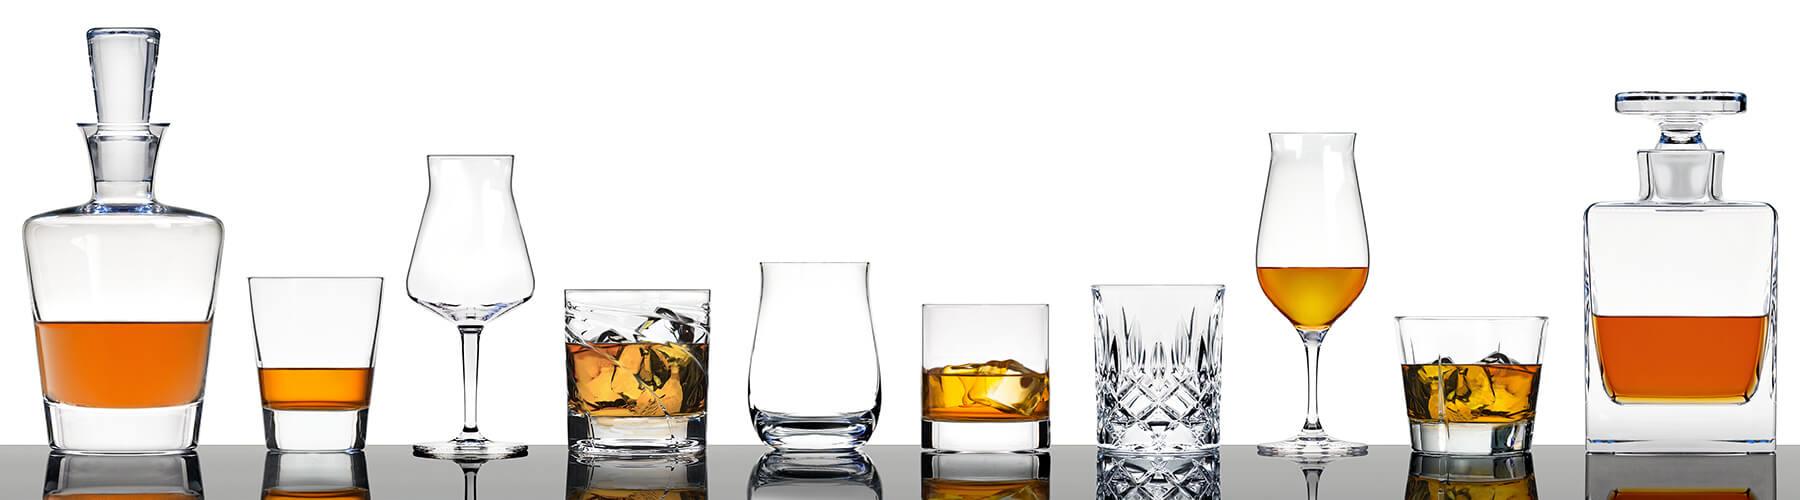 exklusive whiskygl ser und whiskeykaraffen glasklar berlin. Black Bedroom Furniture Sets. Home Design Ideas